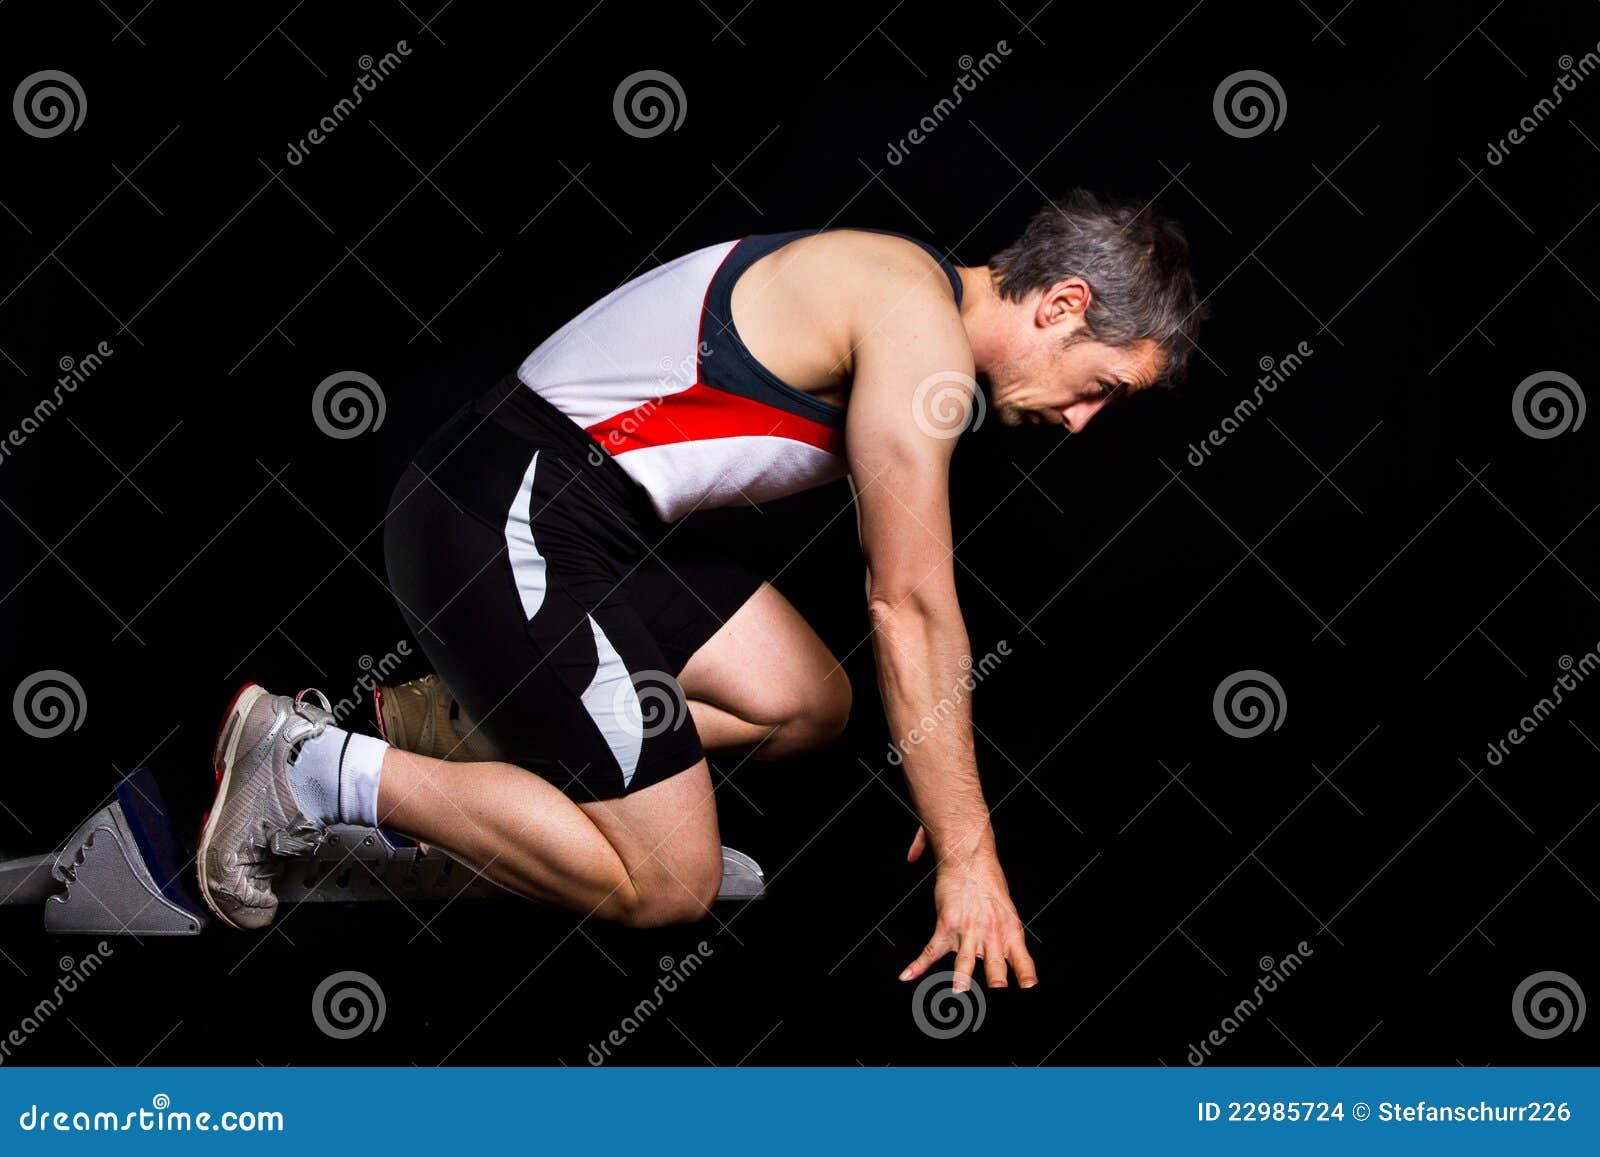 Posição de começo Sprinting